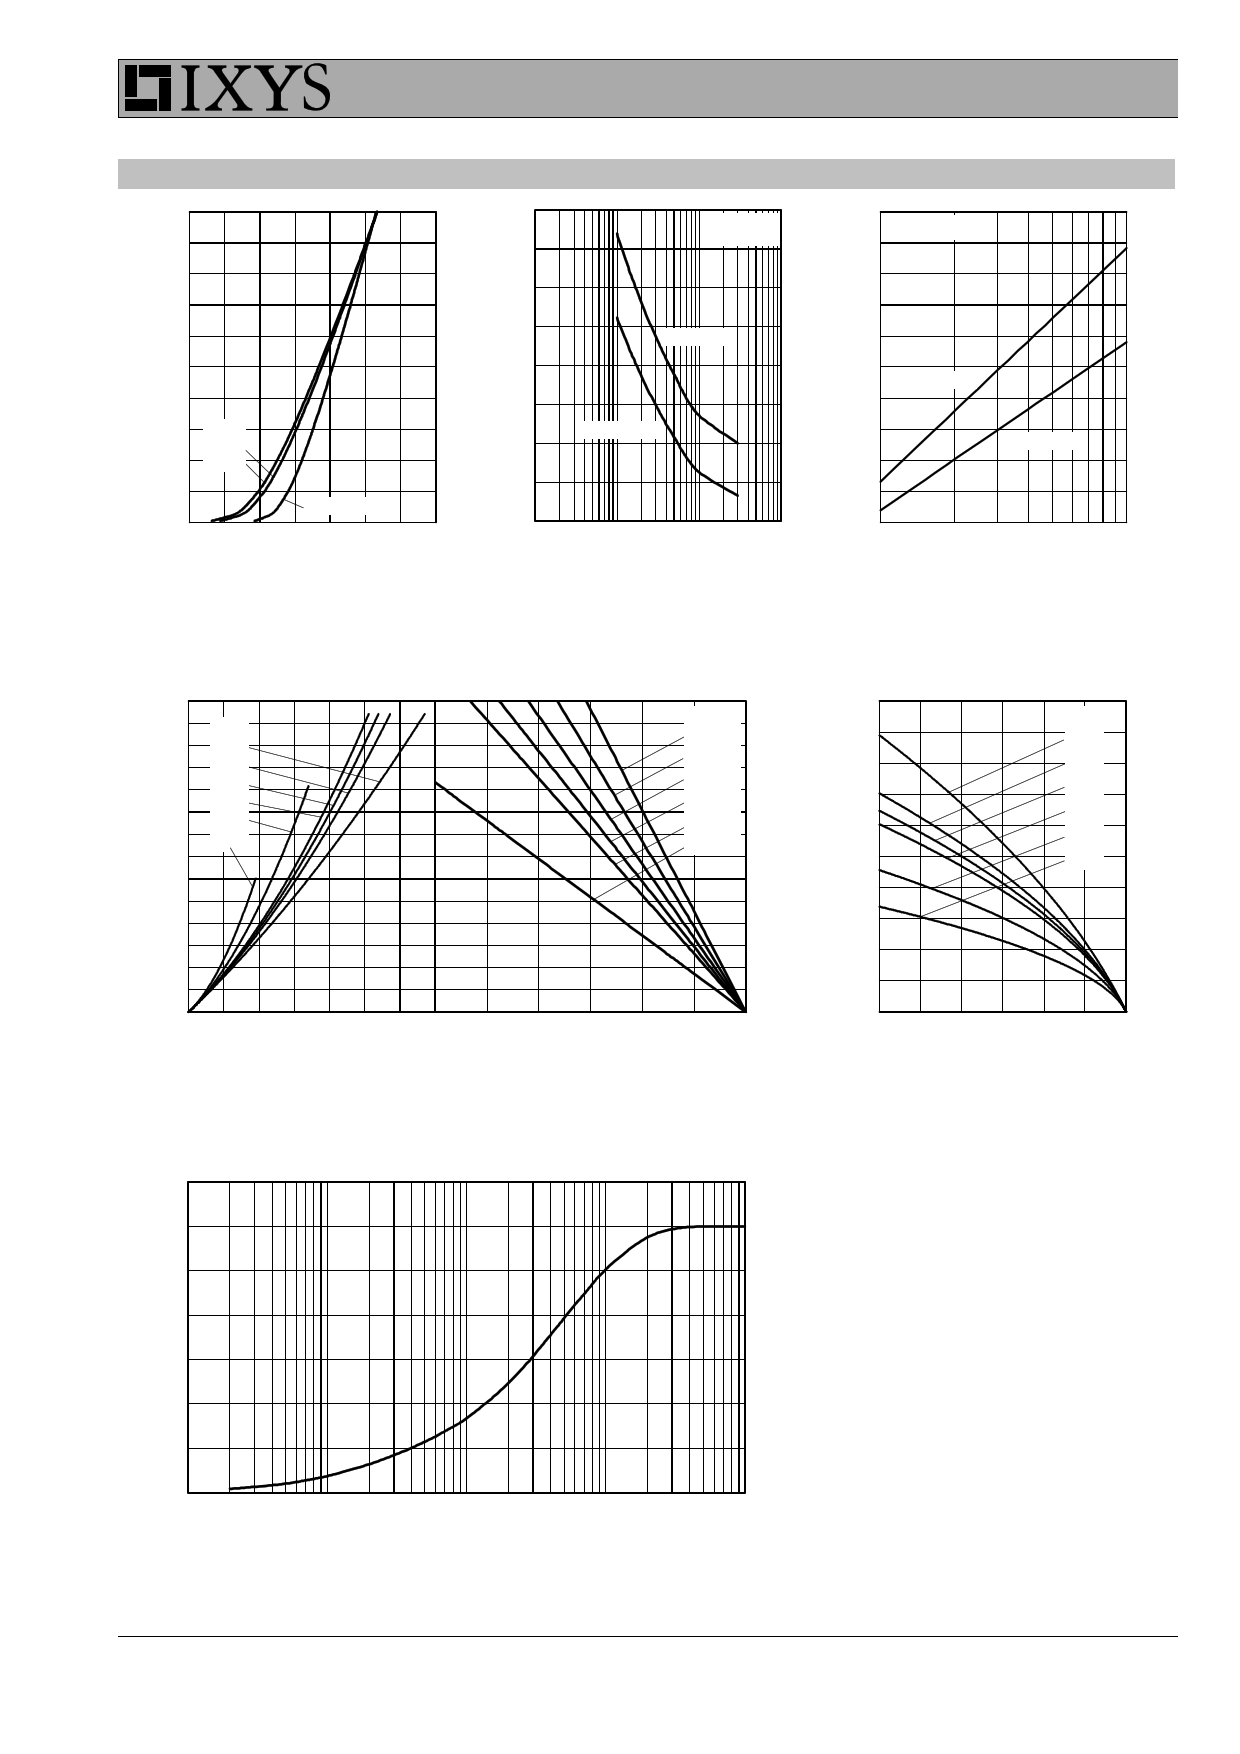 VUO125-16NO7 pdf